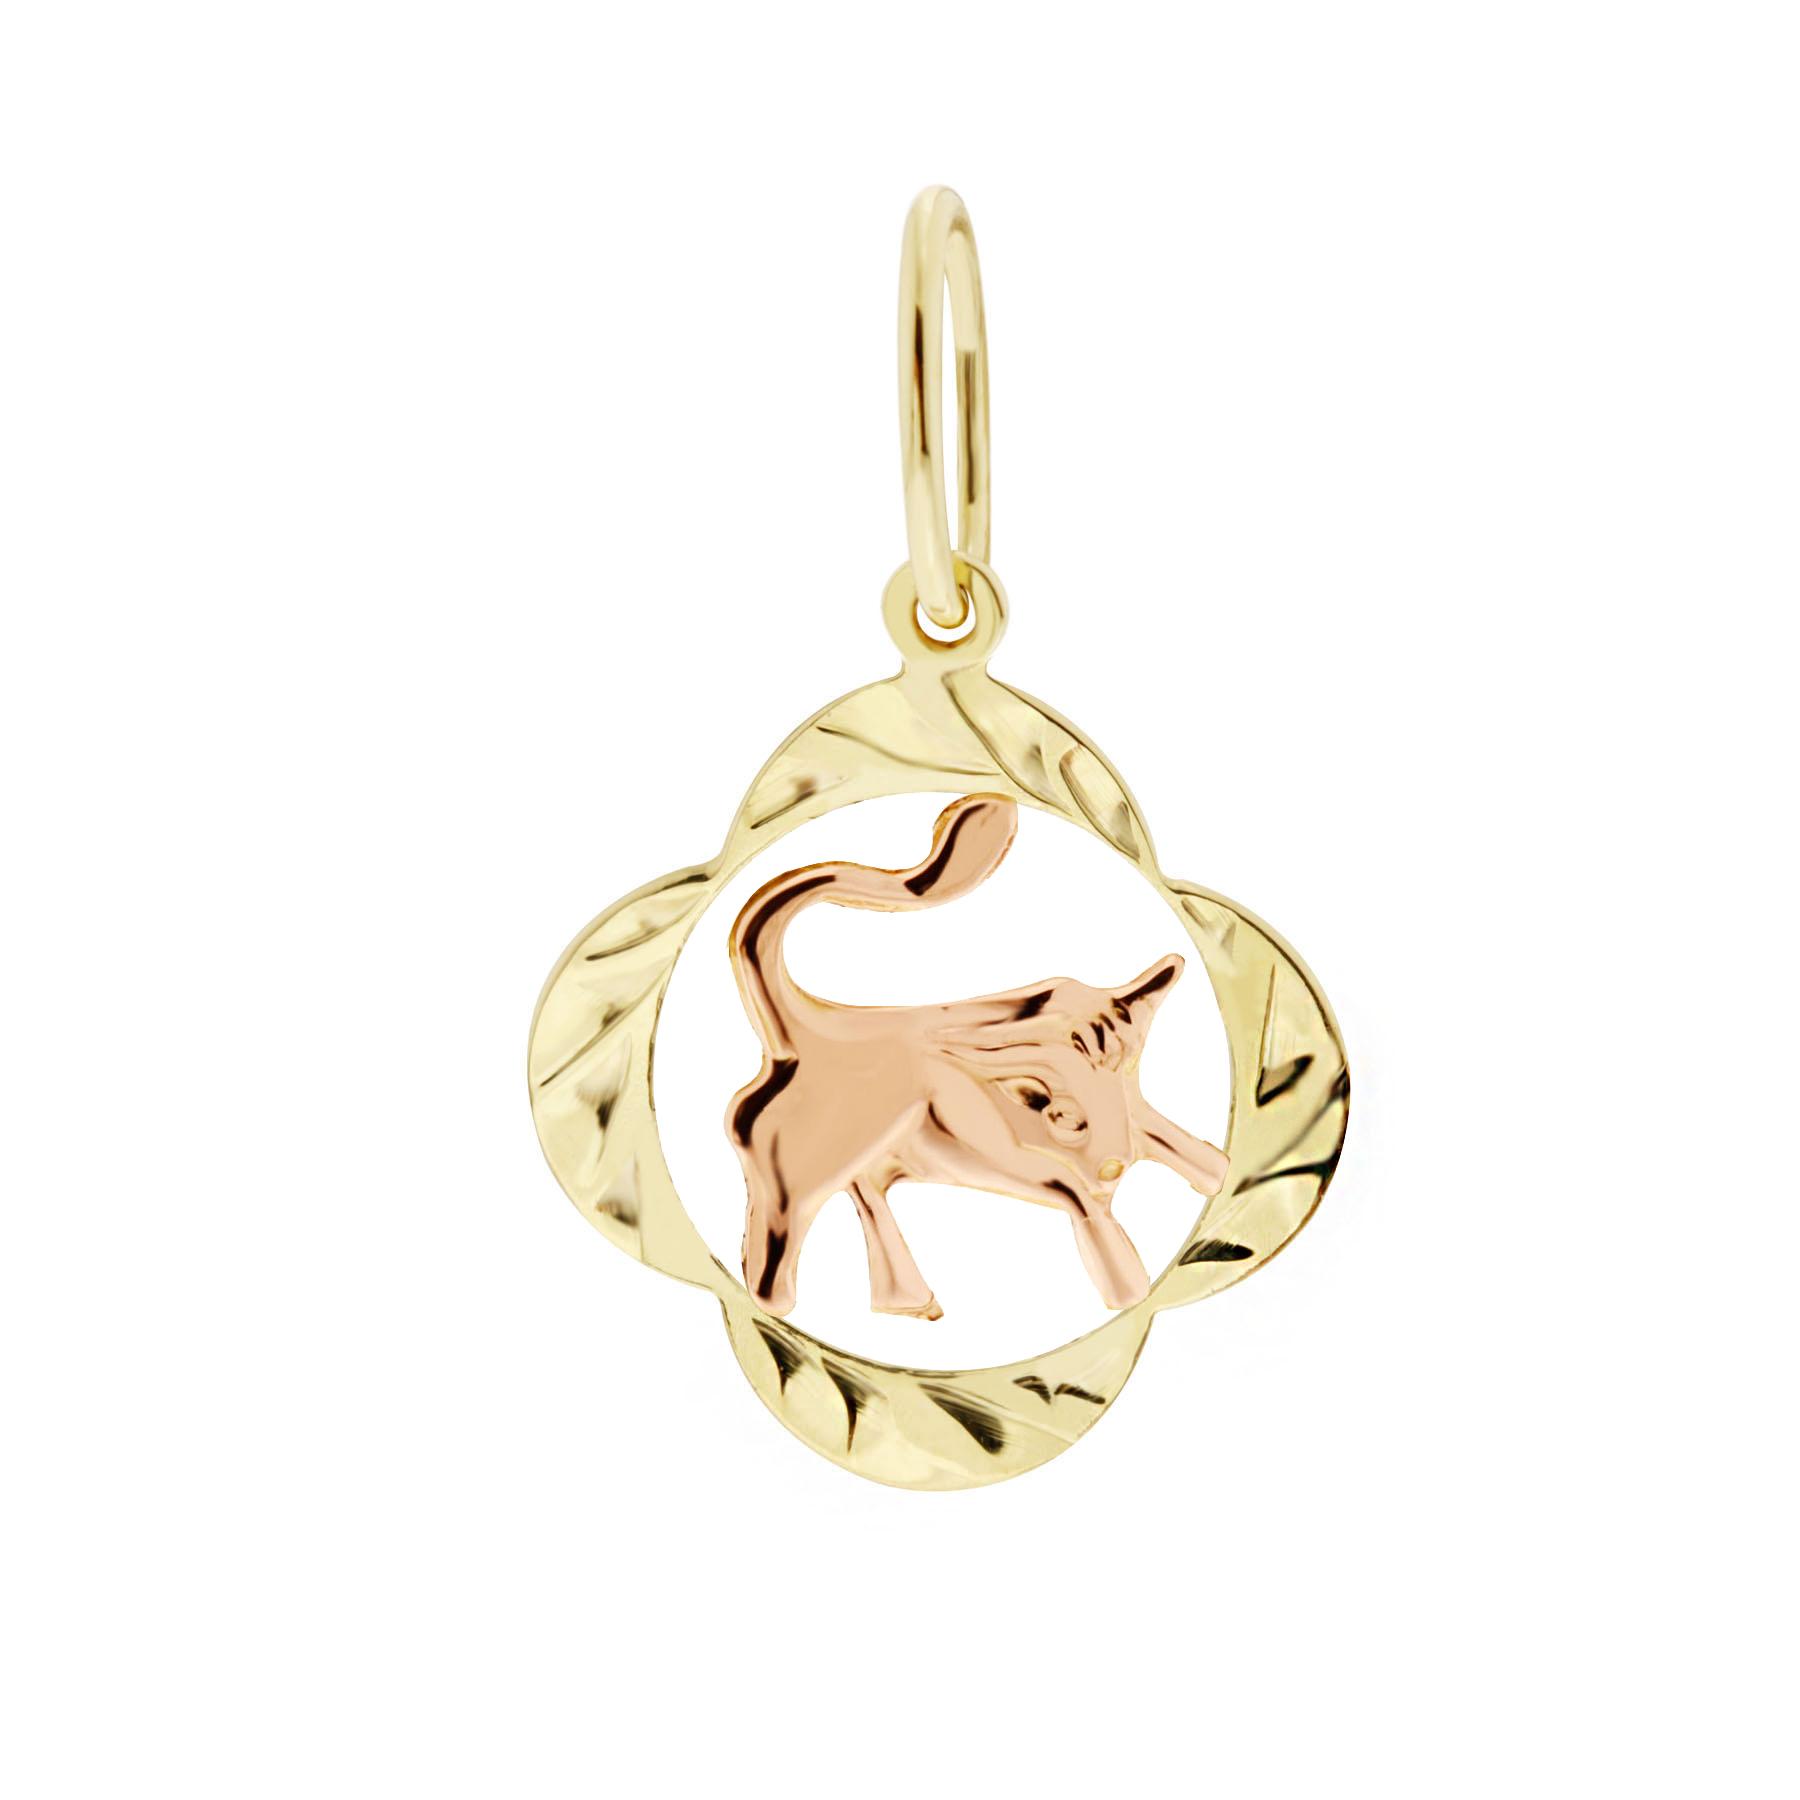 Zlatý přívěsek - znamení zvěrokruhu Býk Tvar: Čtyřlístek, rytý rámeček